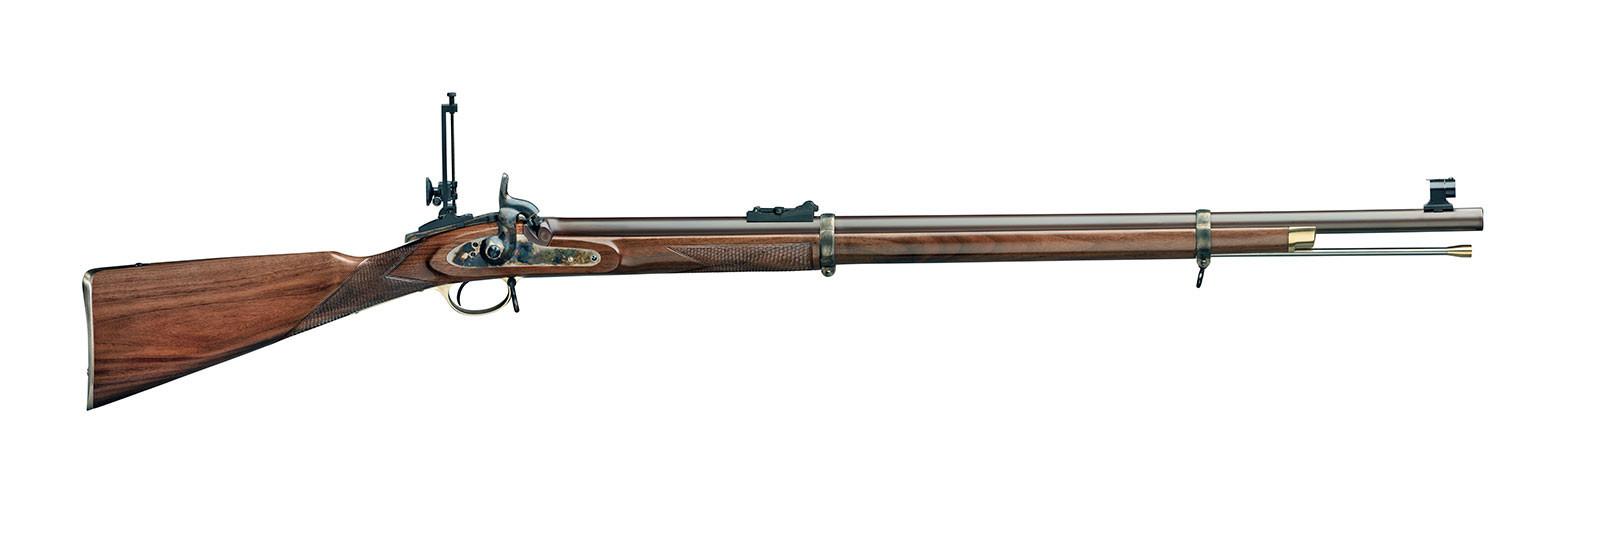 Volunteer Target Rifle